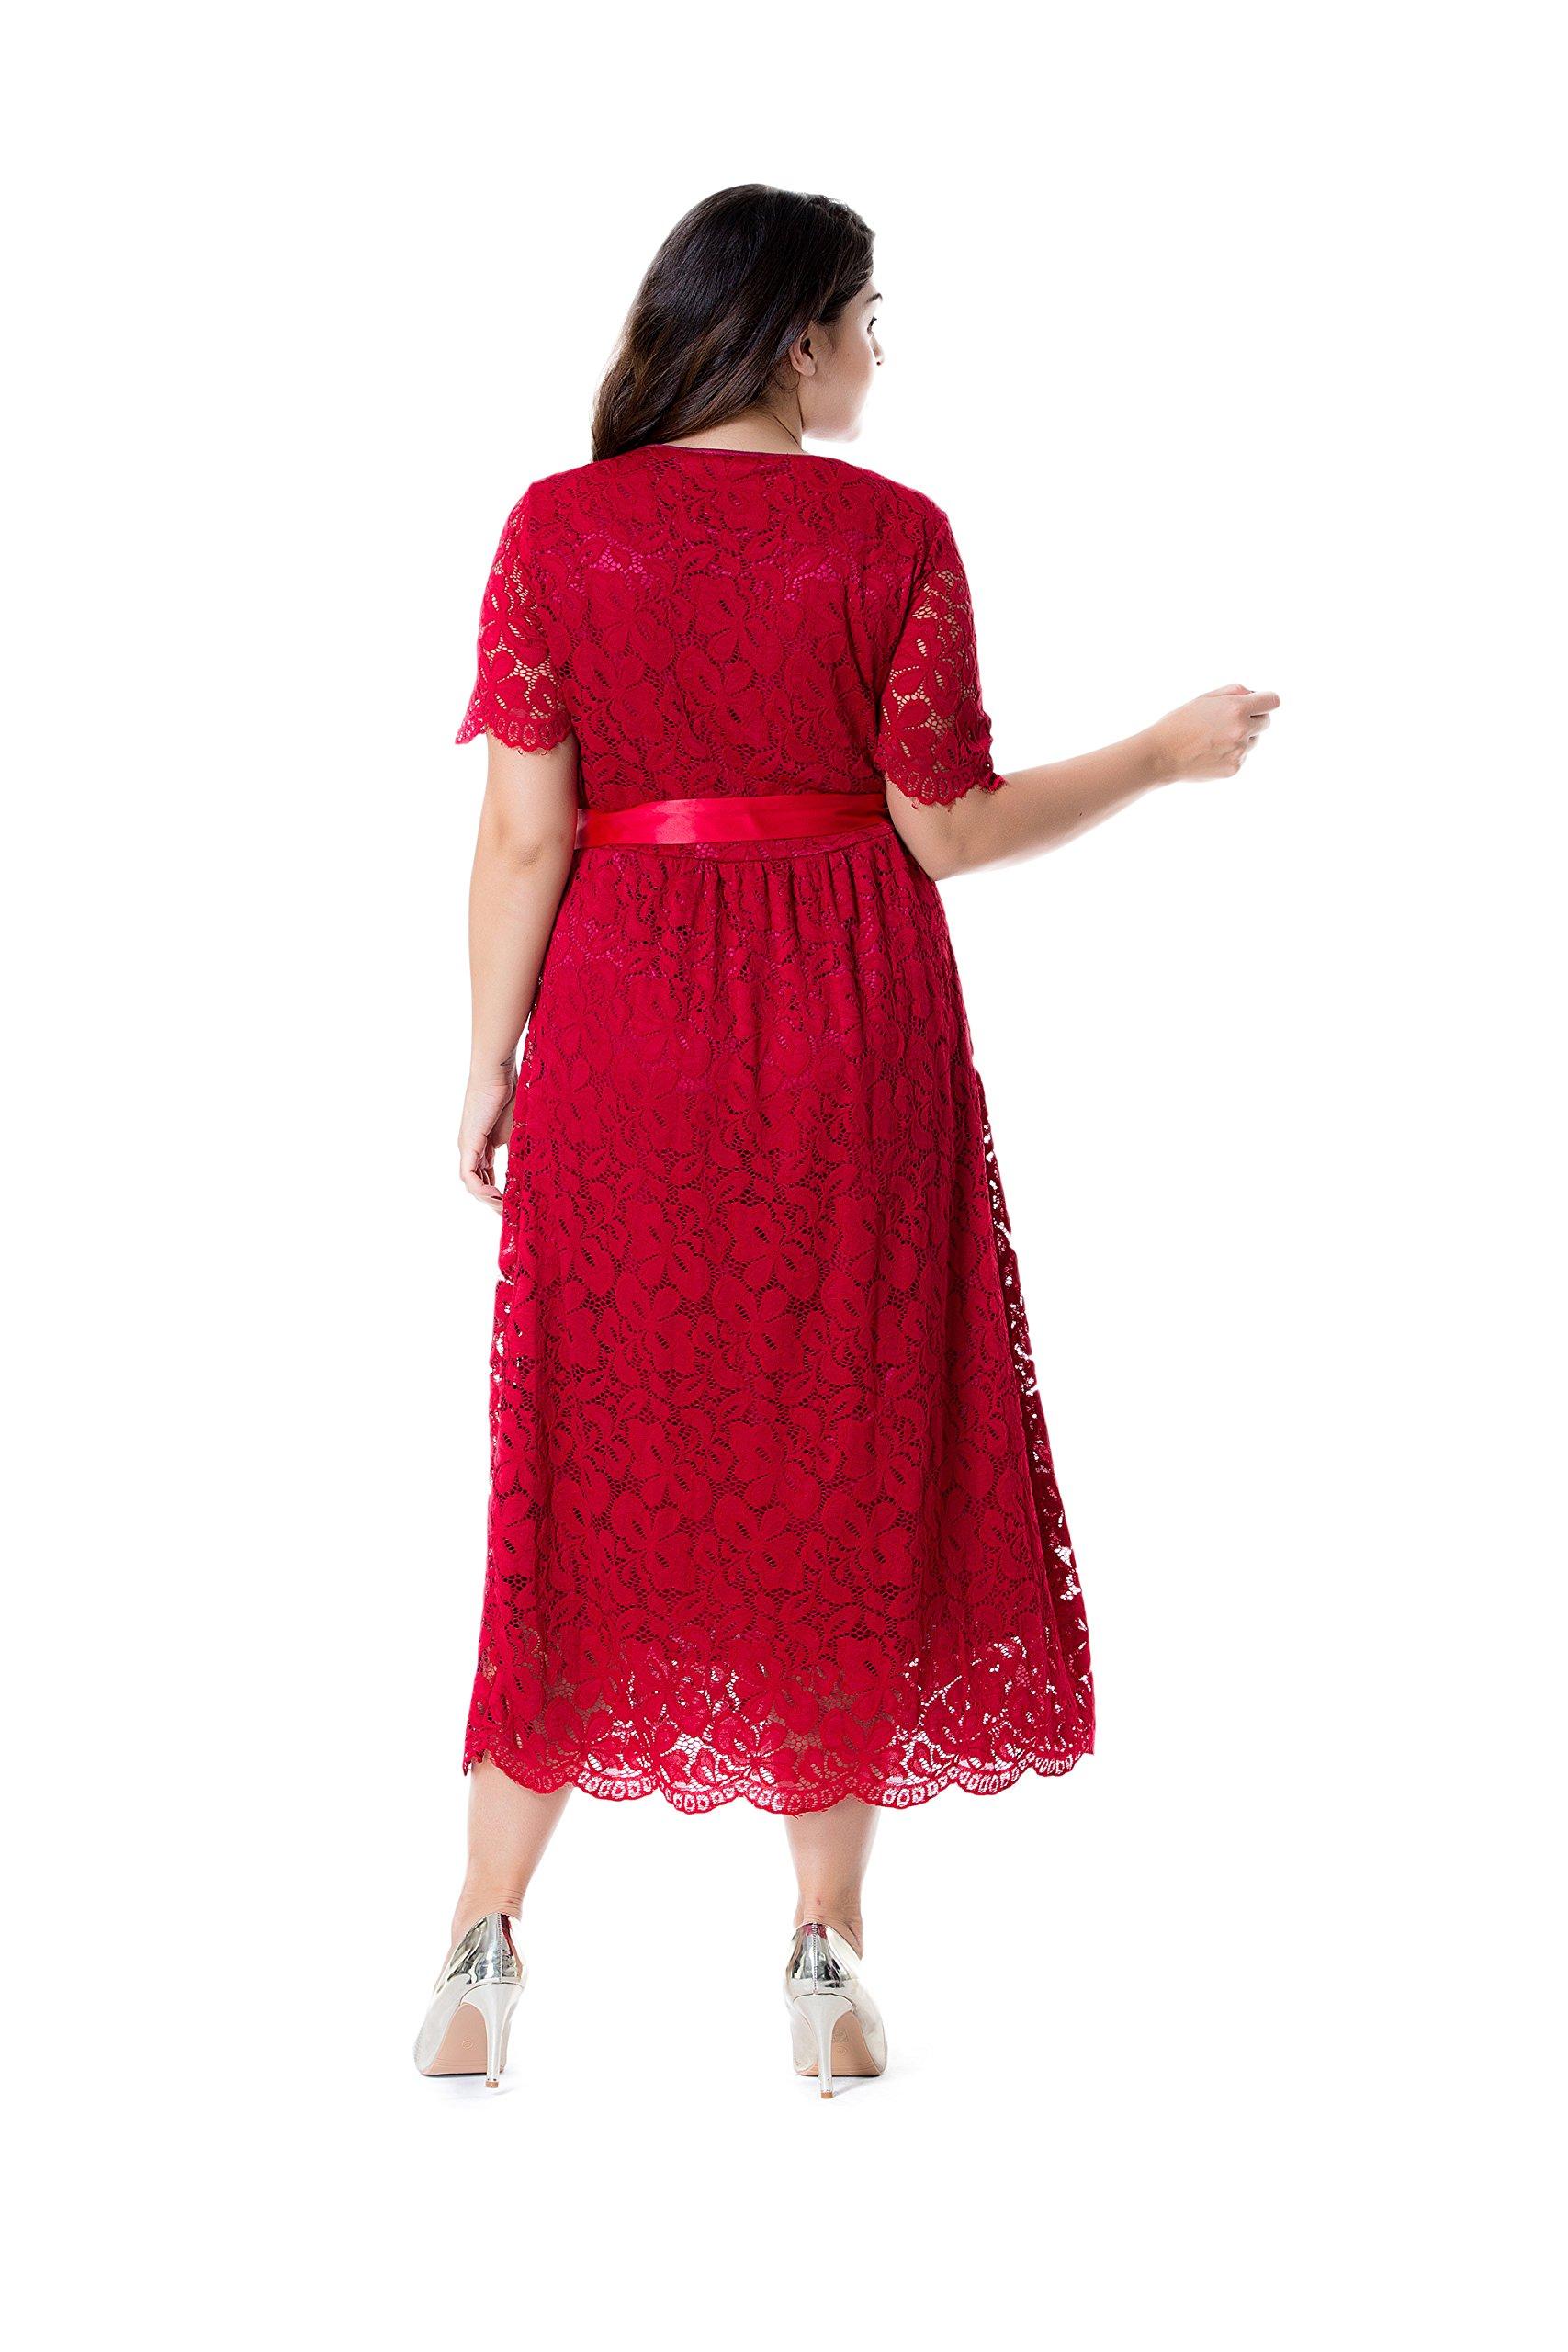 Esprlia Women S Plus Size Double V Neck Lace Dress Fit And